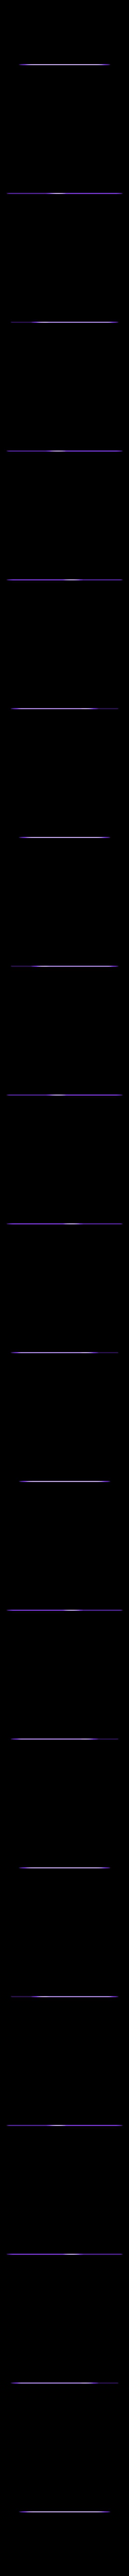 Qi_Wireless_Charger_Case_Bottom.STL Télécharger fichier STL gratuit Chargeur sans fil Qi • Plan à imprimer en 3D, perinski